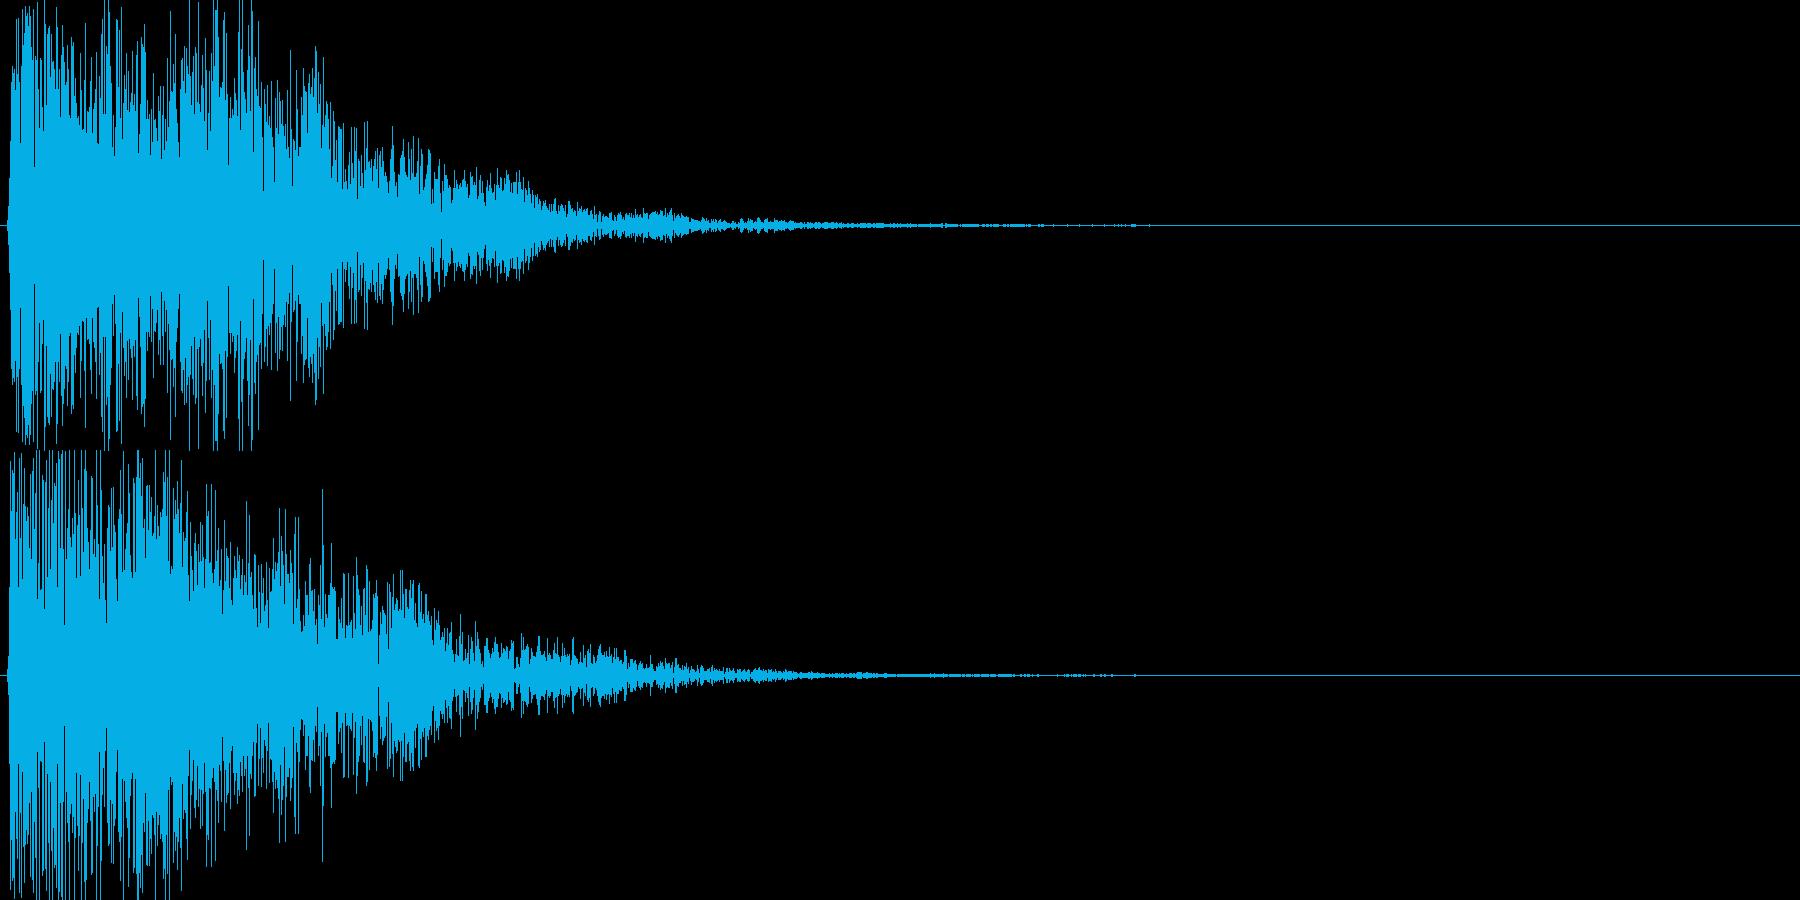 ピコ(ゲーム、アプリなどの操作音08)の再生済みの波形